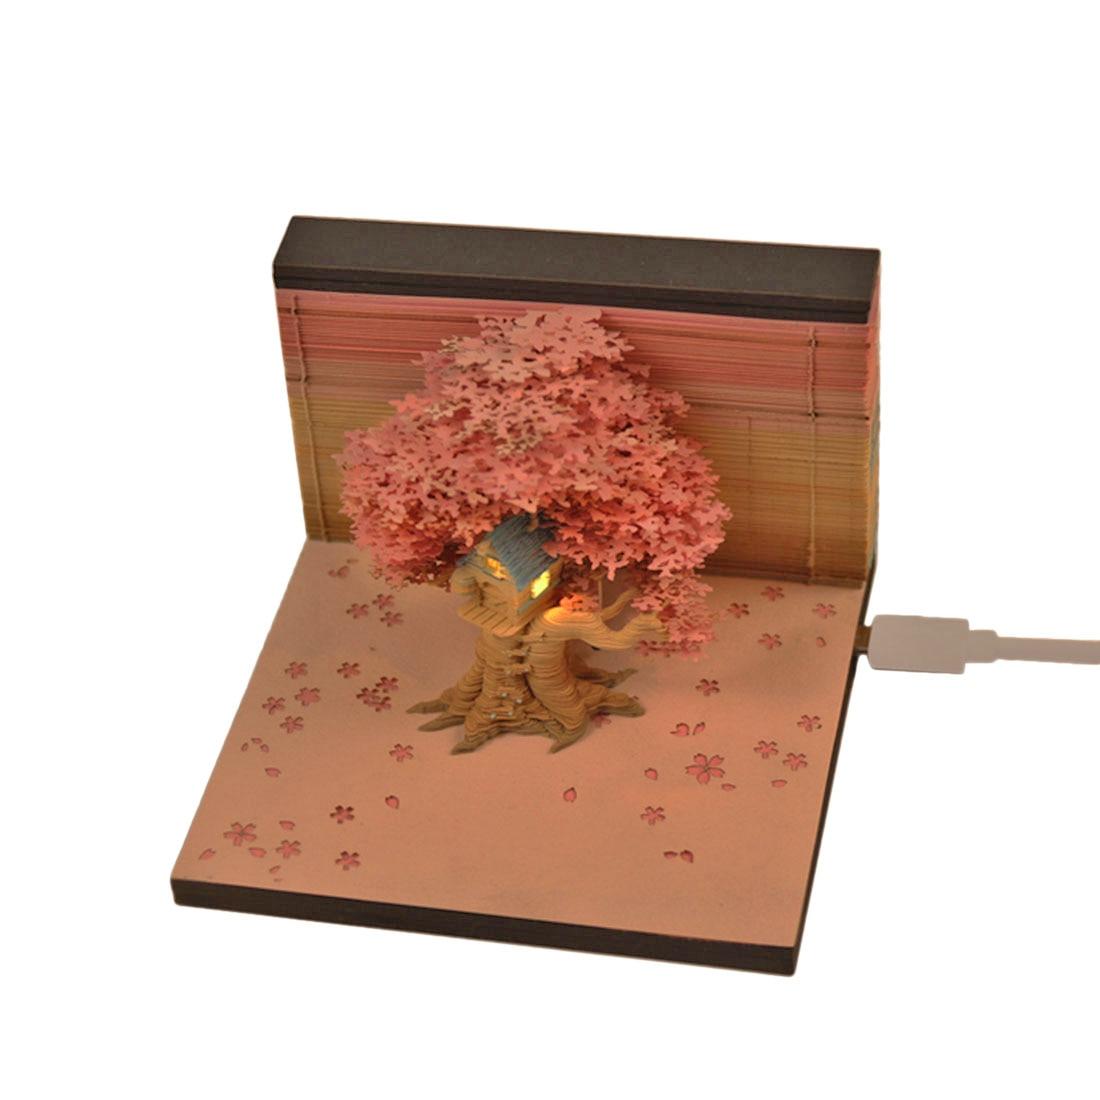 Bloco de Construção de Arte de Papel Notas de Memorando Modelo de Casa de Árvore com Decorações de Luz para Casa-azul Nota Pegajosas Cor Rosa Diy 3d –